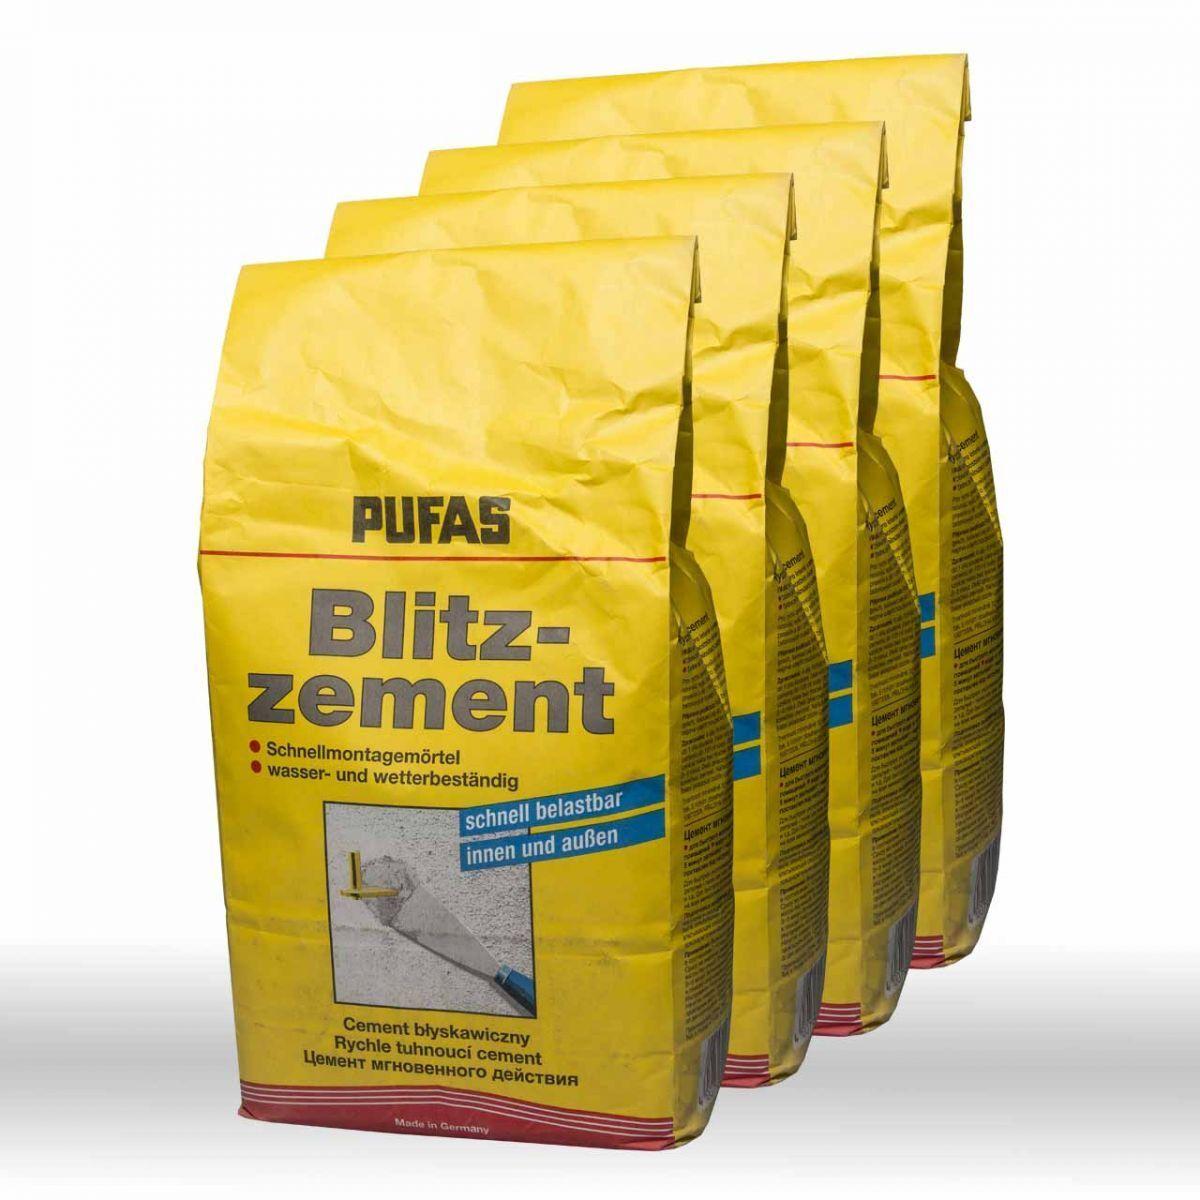 4 x 5kg Pufas Blitzzement (20kg) - Spezialzement Schnellzement Zement